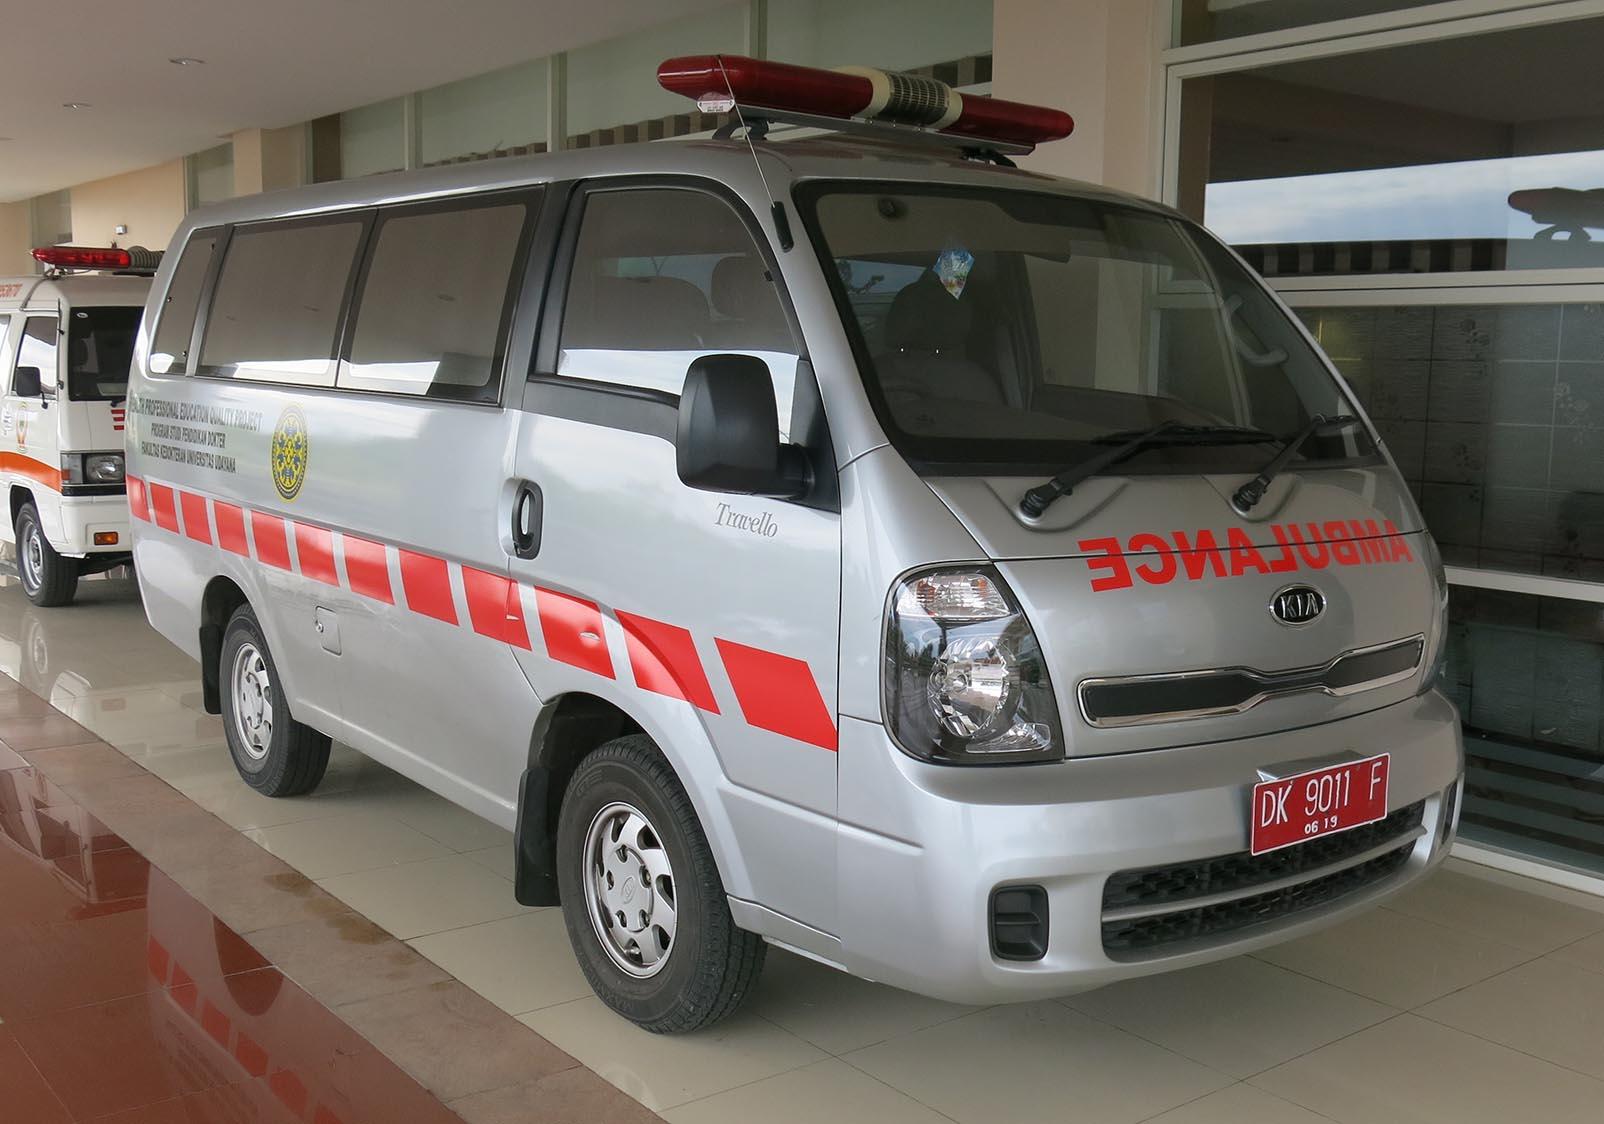 ambulance-rs-unud